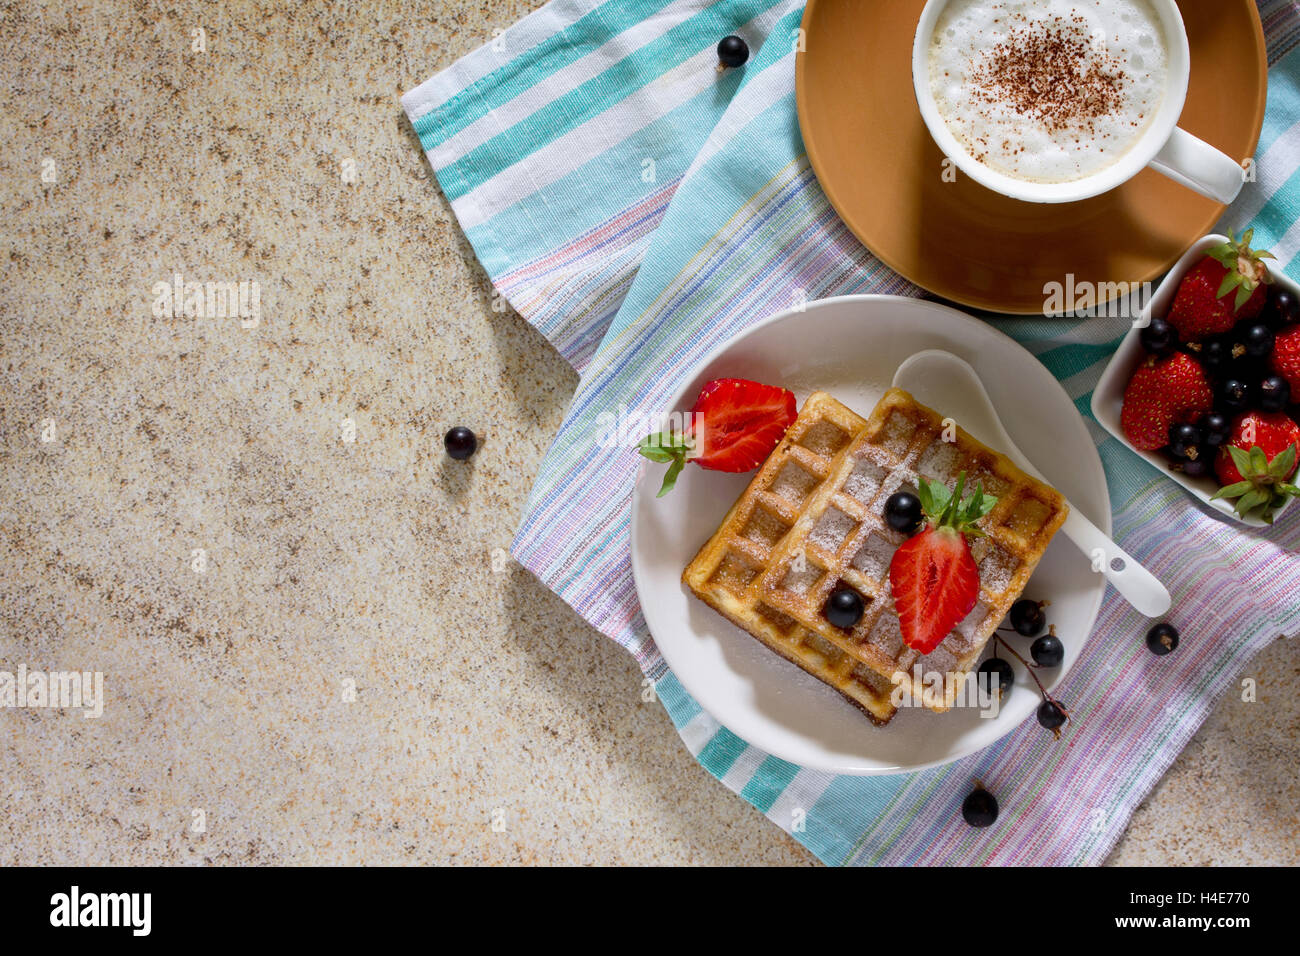 Tradizionale cialde belghe con frutti di bosco freschi sulla pietra sfondo marrone, servito con una tazza di caffè Immagini Stock